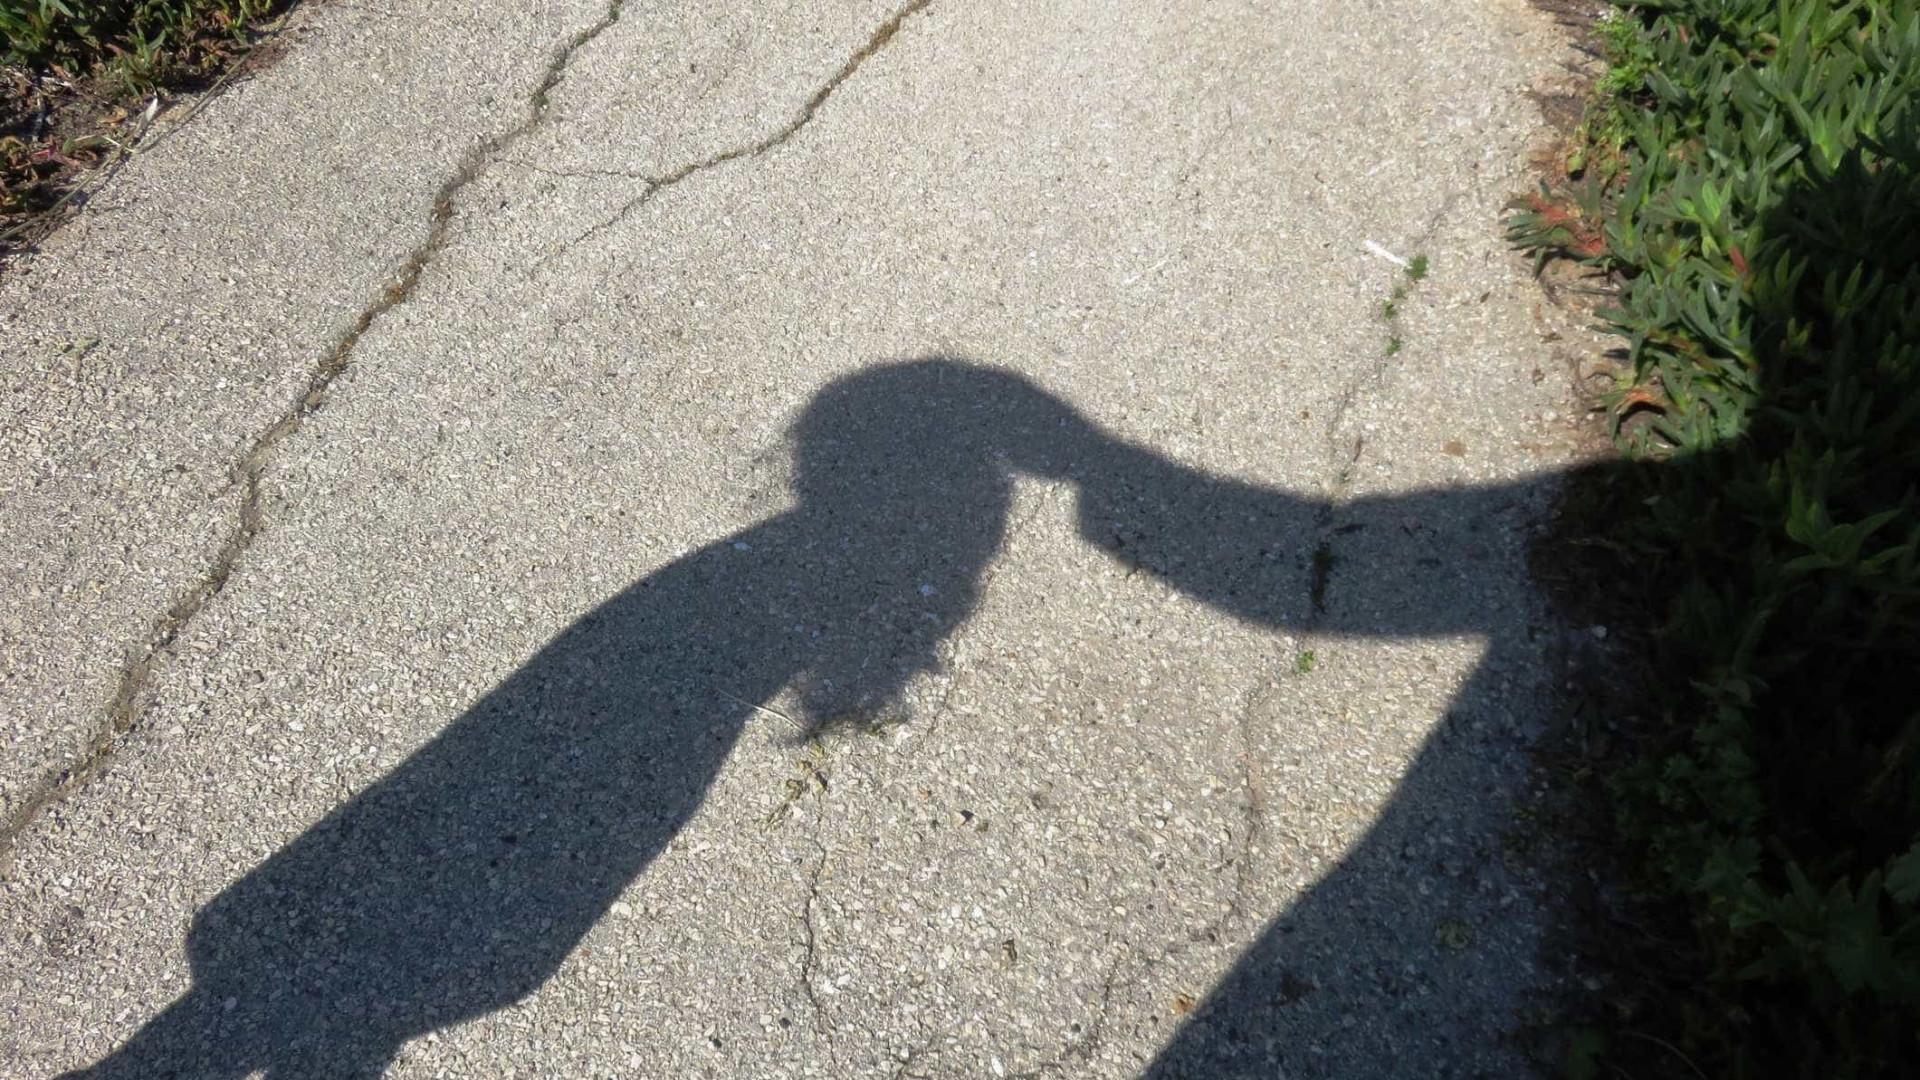 Adolescente violada em Londres. O autor ainda não foi identificado